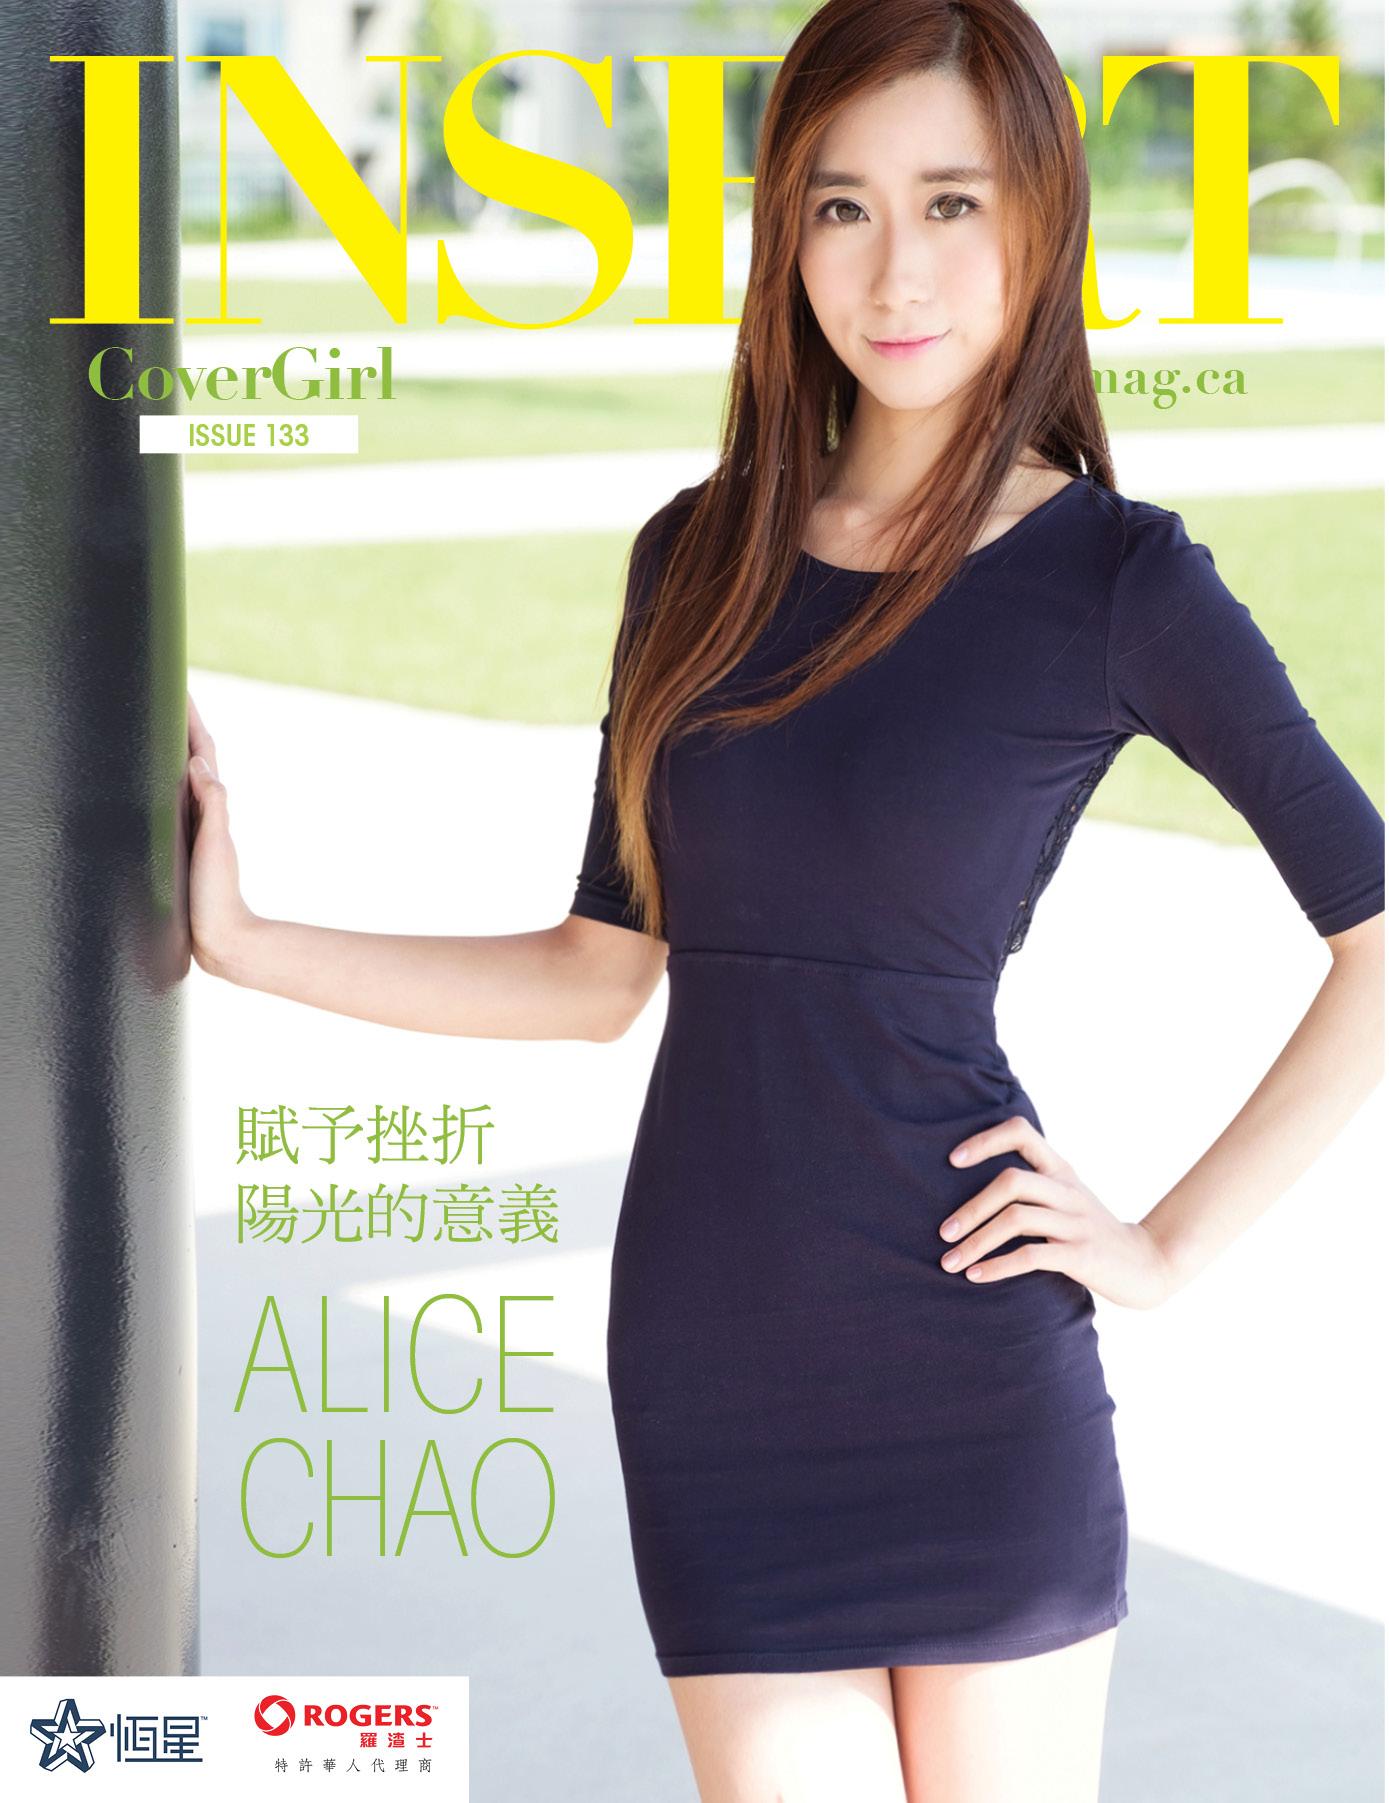 Alice Chao: 「賦予挫折陽光的意義」